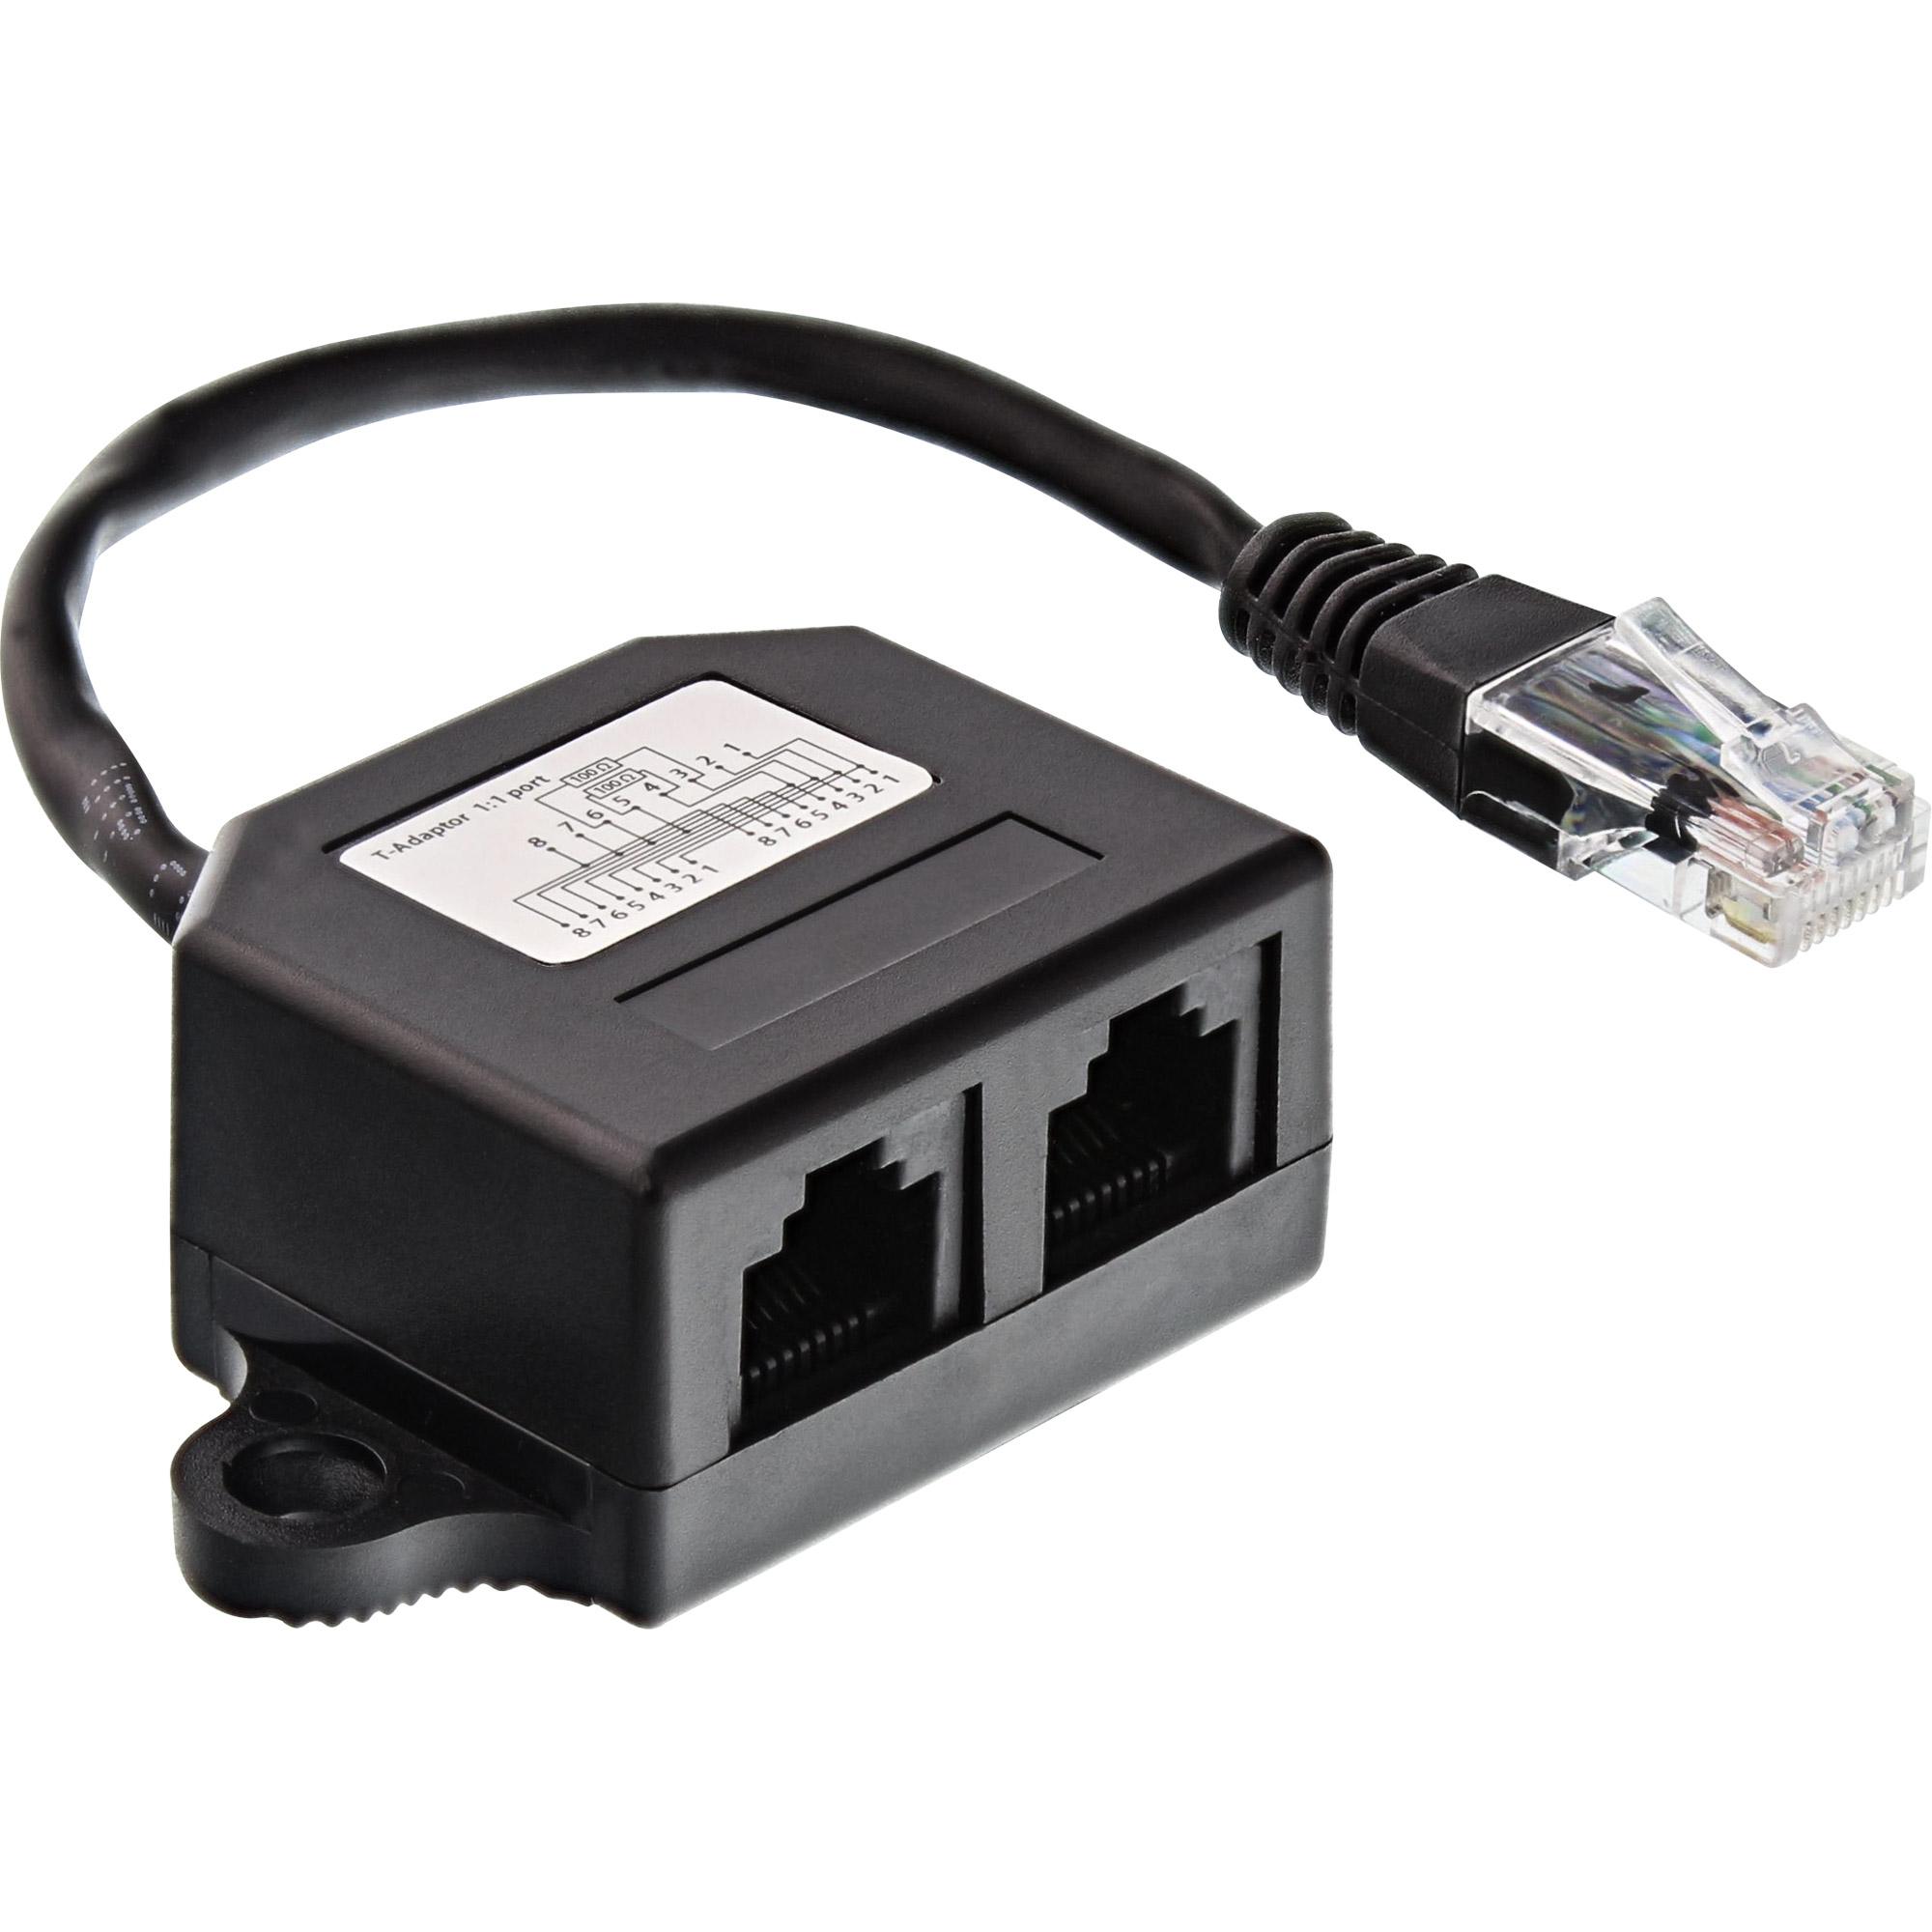 InLine® ISDN Verteiler, 2x RJ45 Buchse, 15cm Kabel, mit Endwiderständen, montierbar